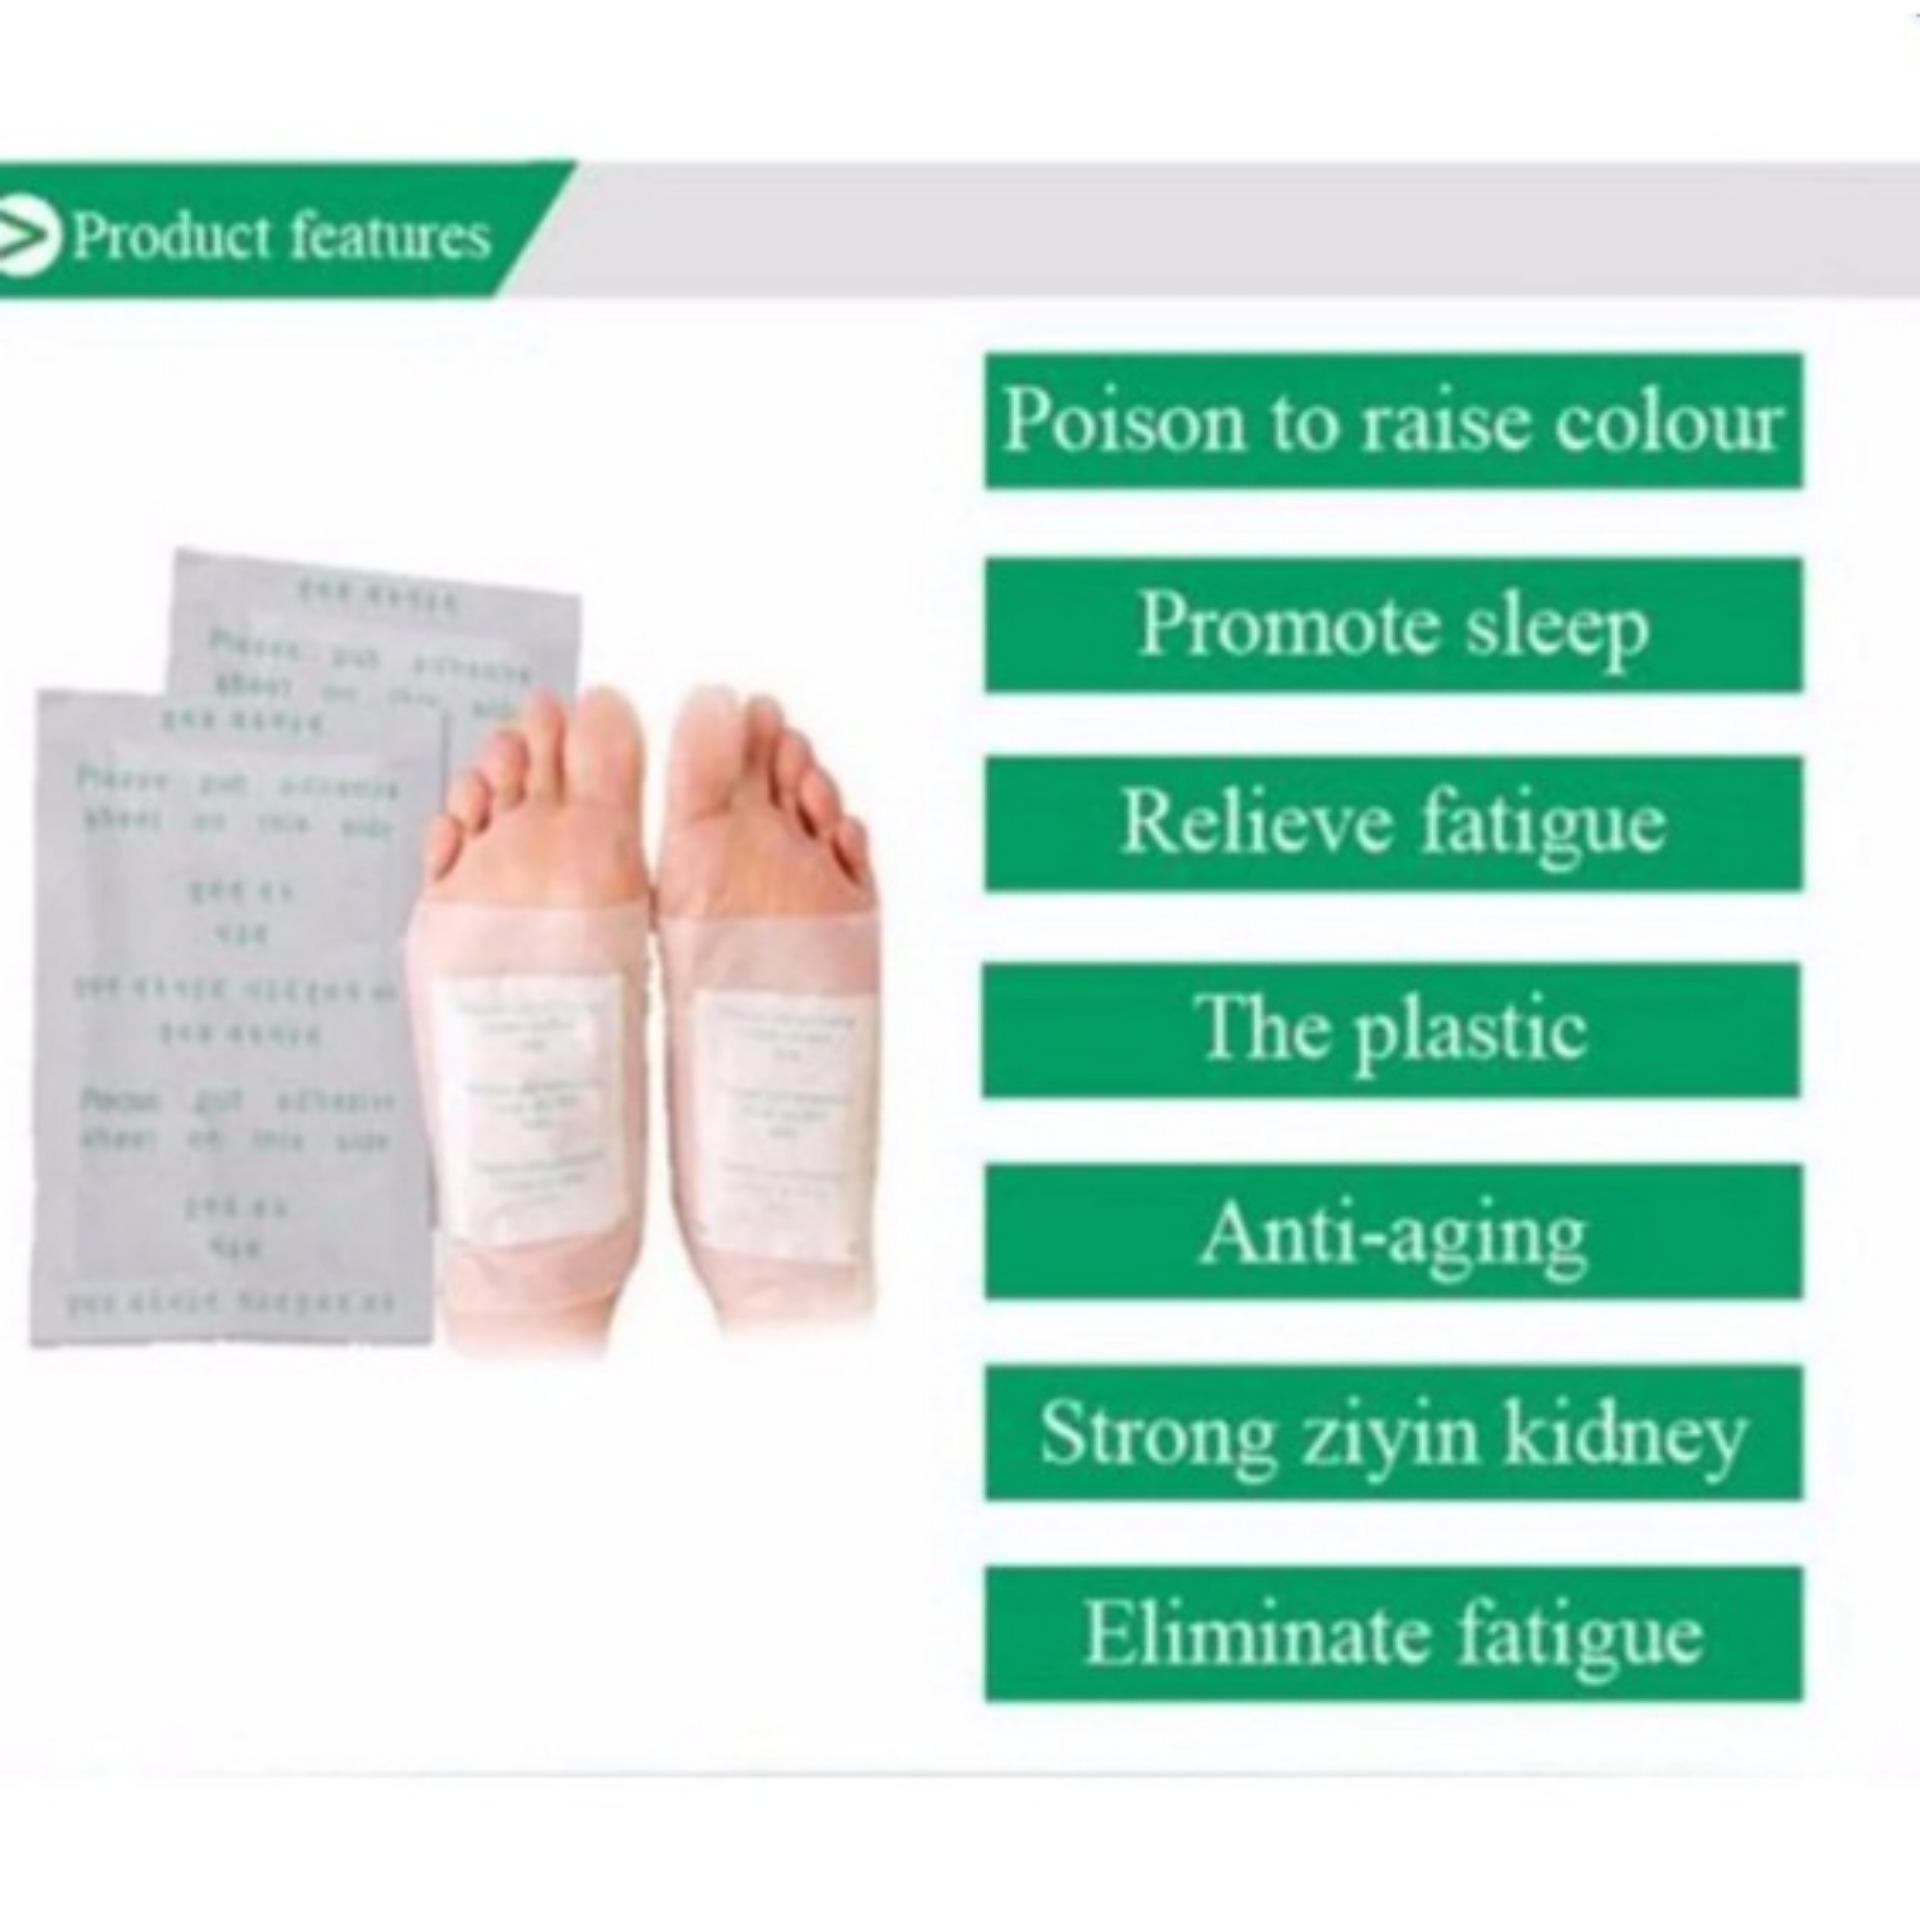 Harga Dan Spek Kinoki Update 2018 Kyojin Pakan Ayam Raksasa 1000gr Philippines 10 Pads Detox Foot Organic Herbal Cleansing Patches 99g